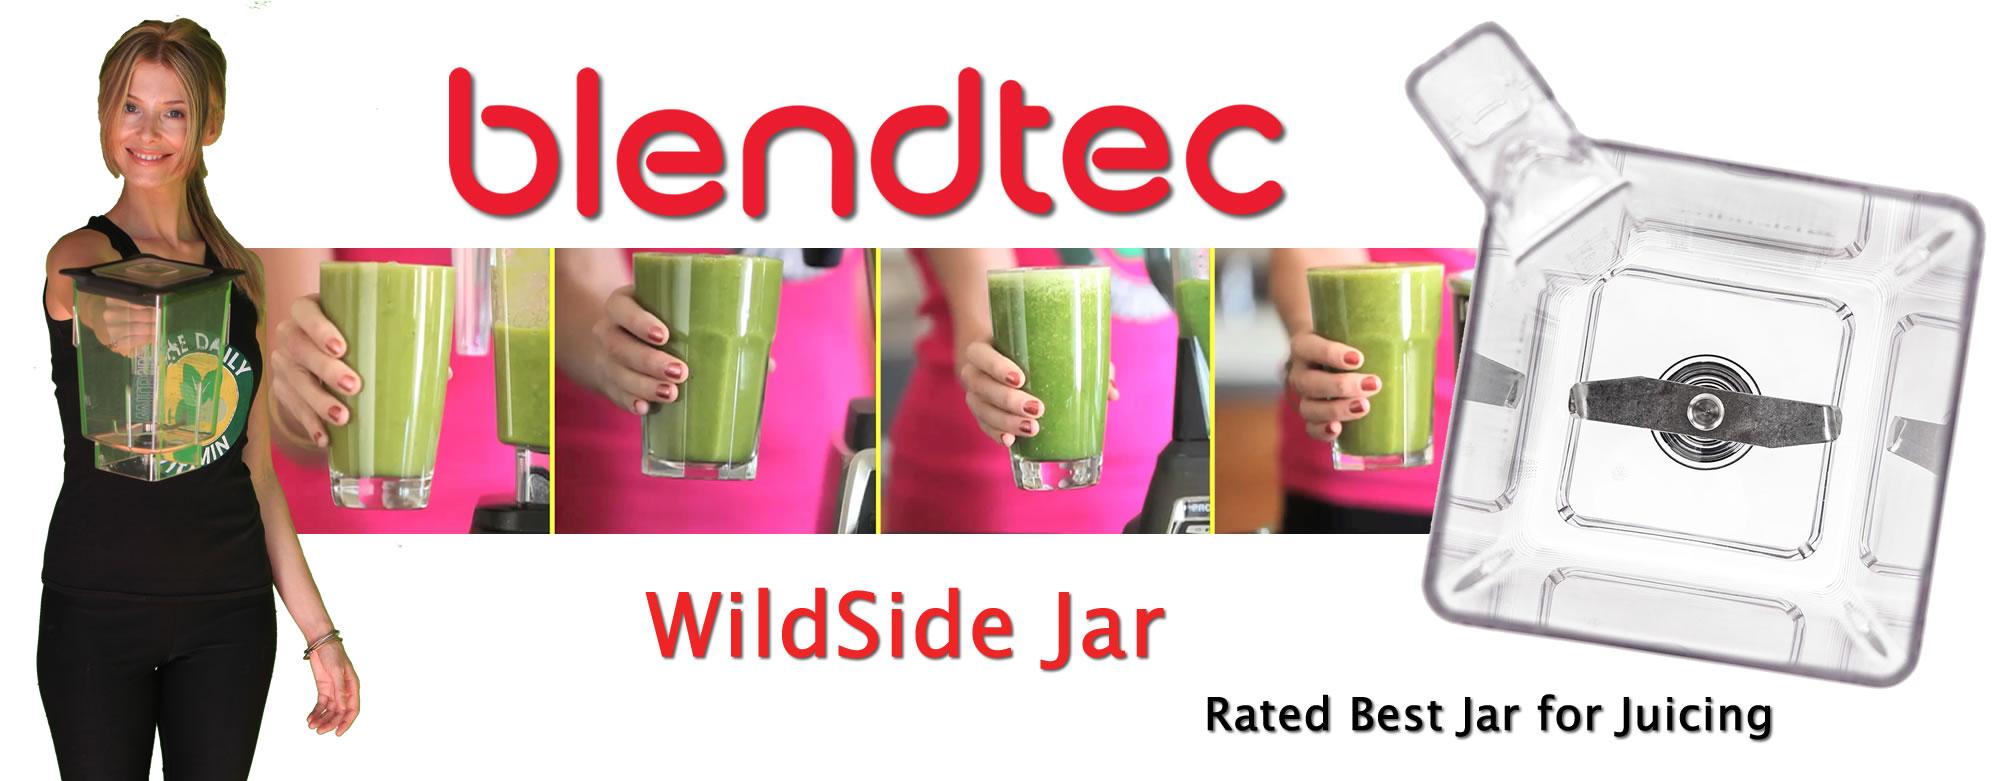 Blendtec-Wildside-Jar